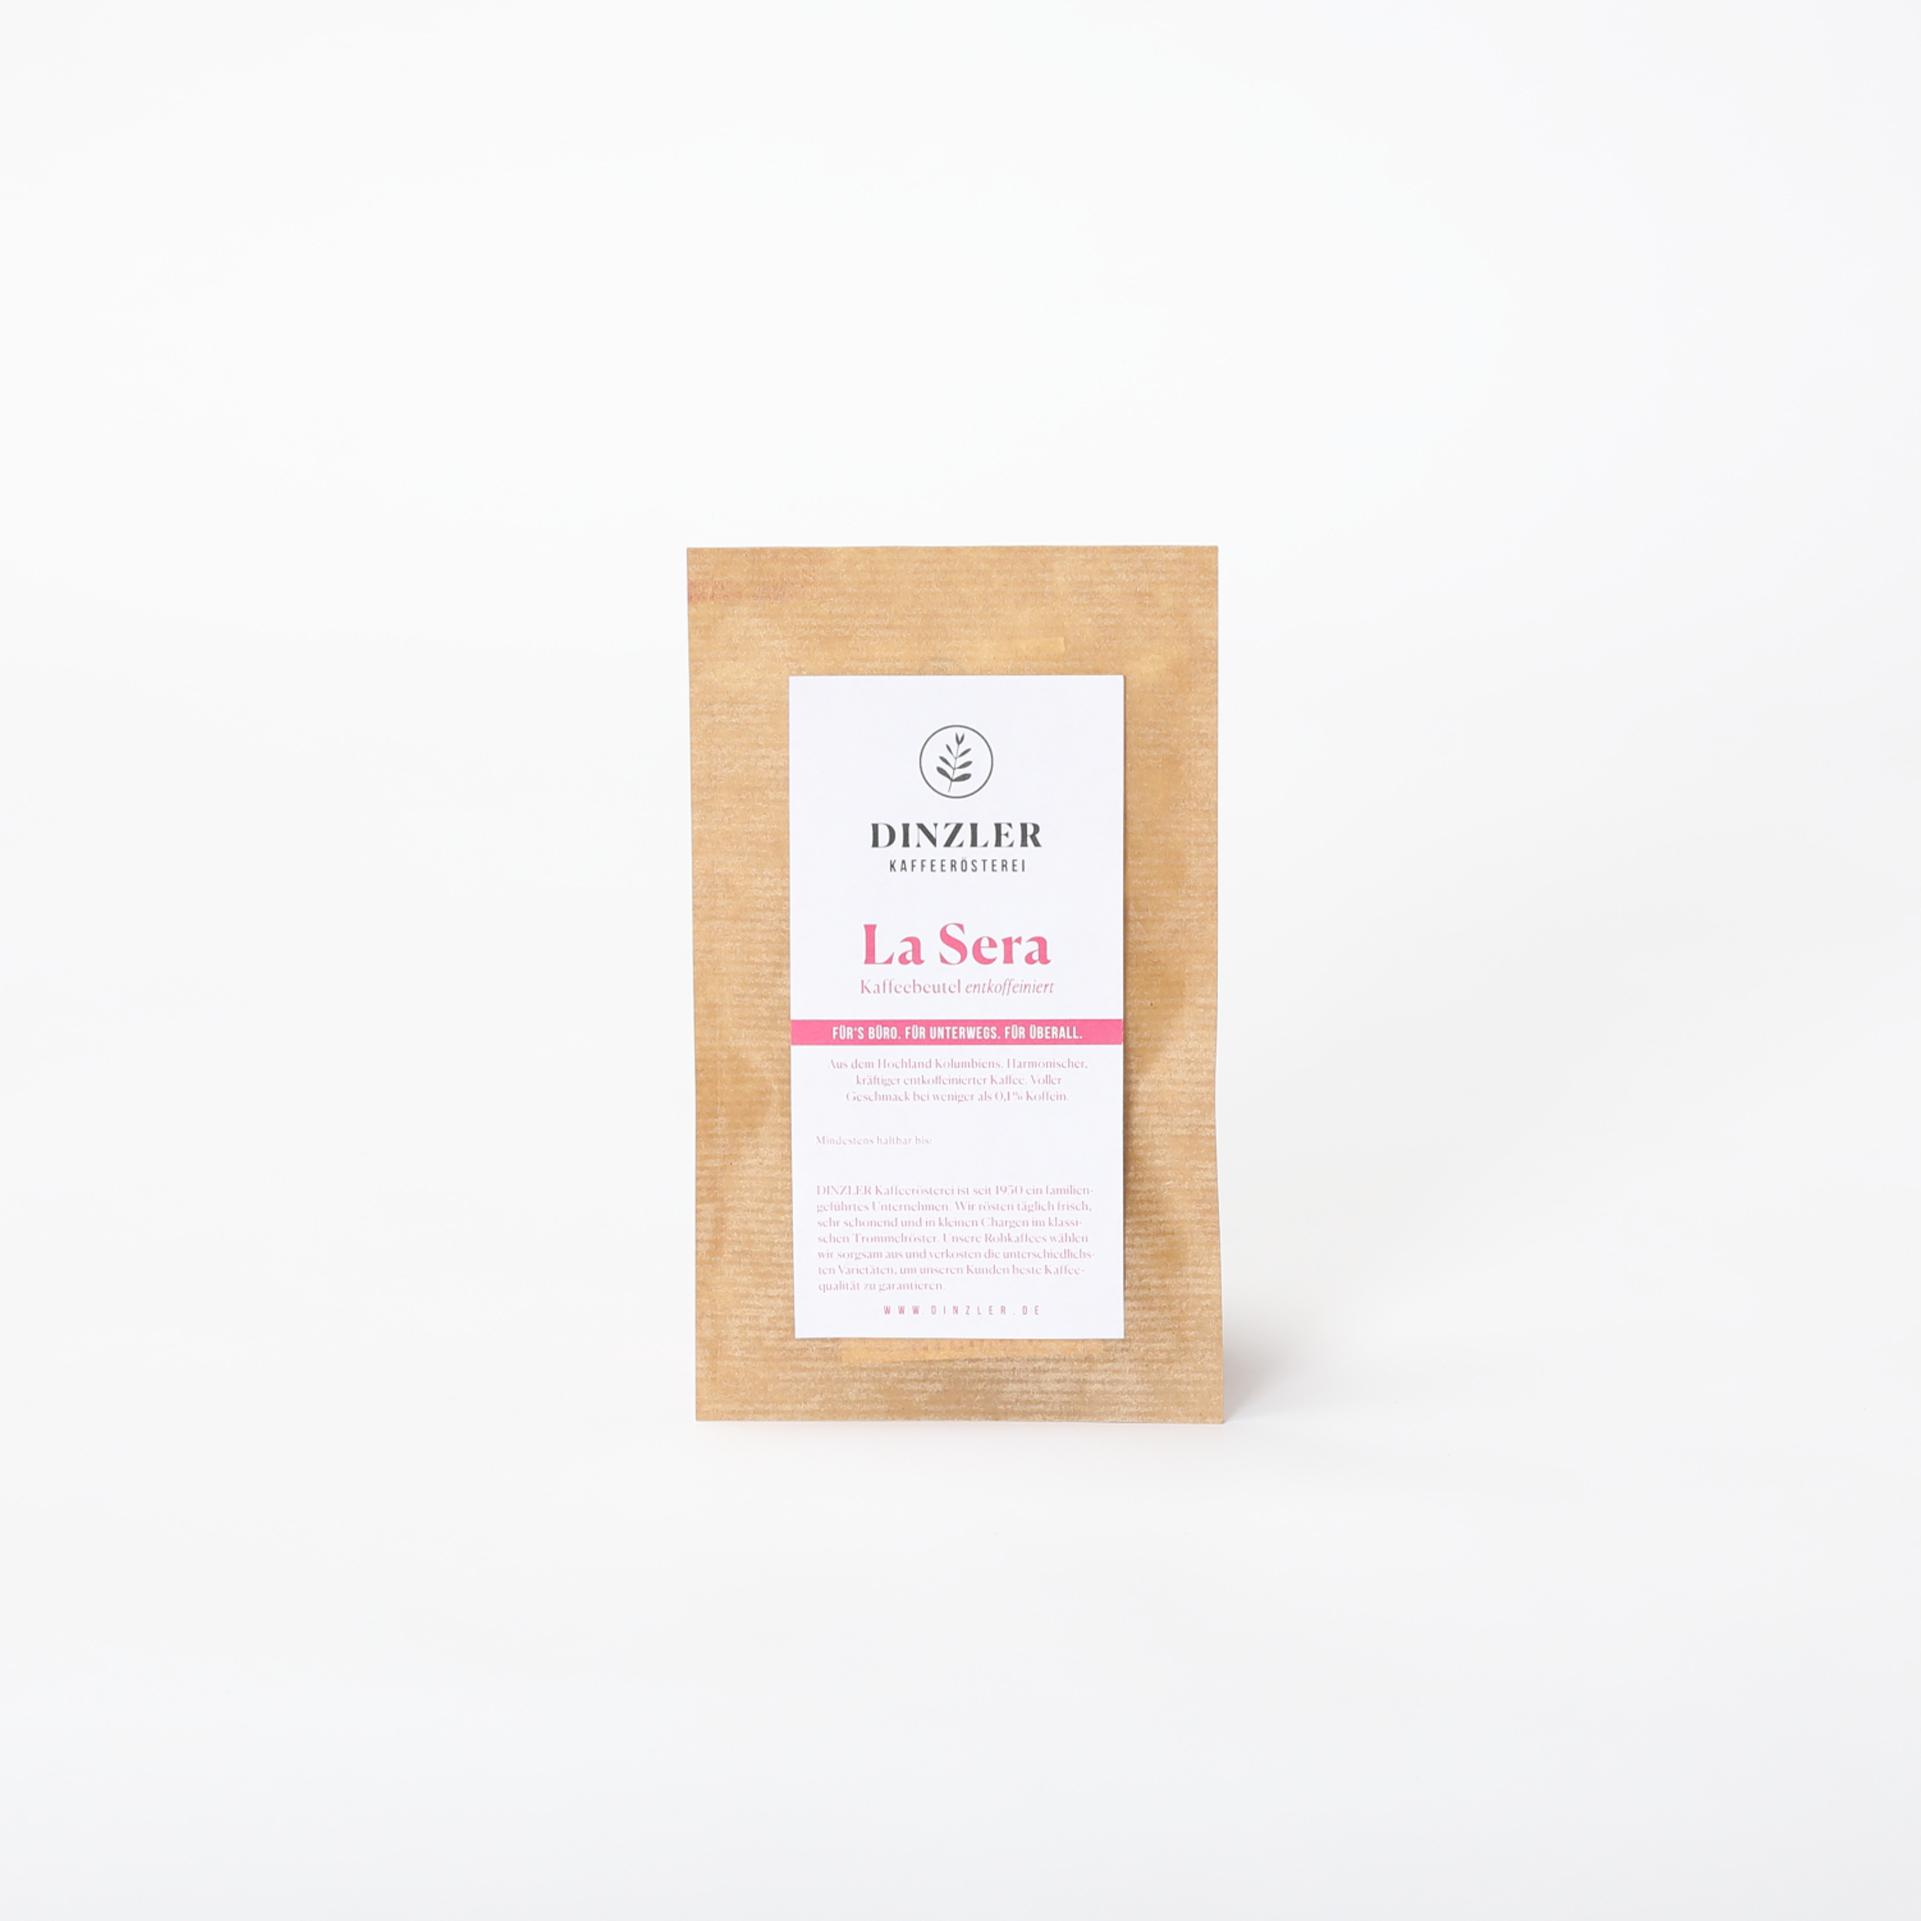 Koffeinfreier Kaffeebeutel für eine Tasse Kaffee